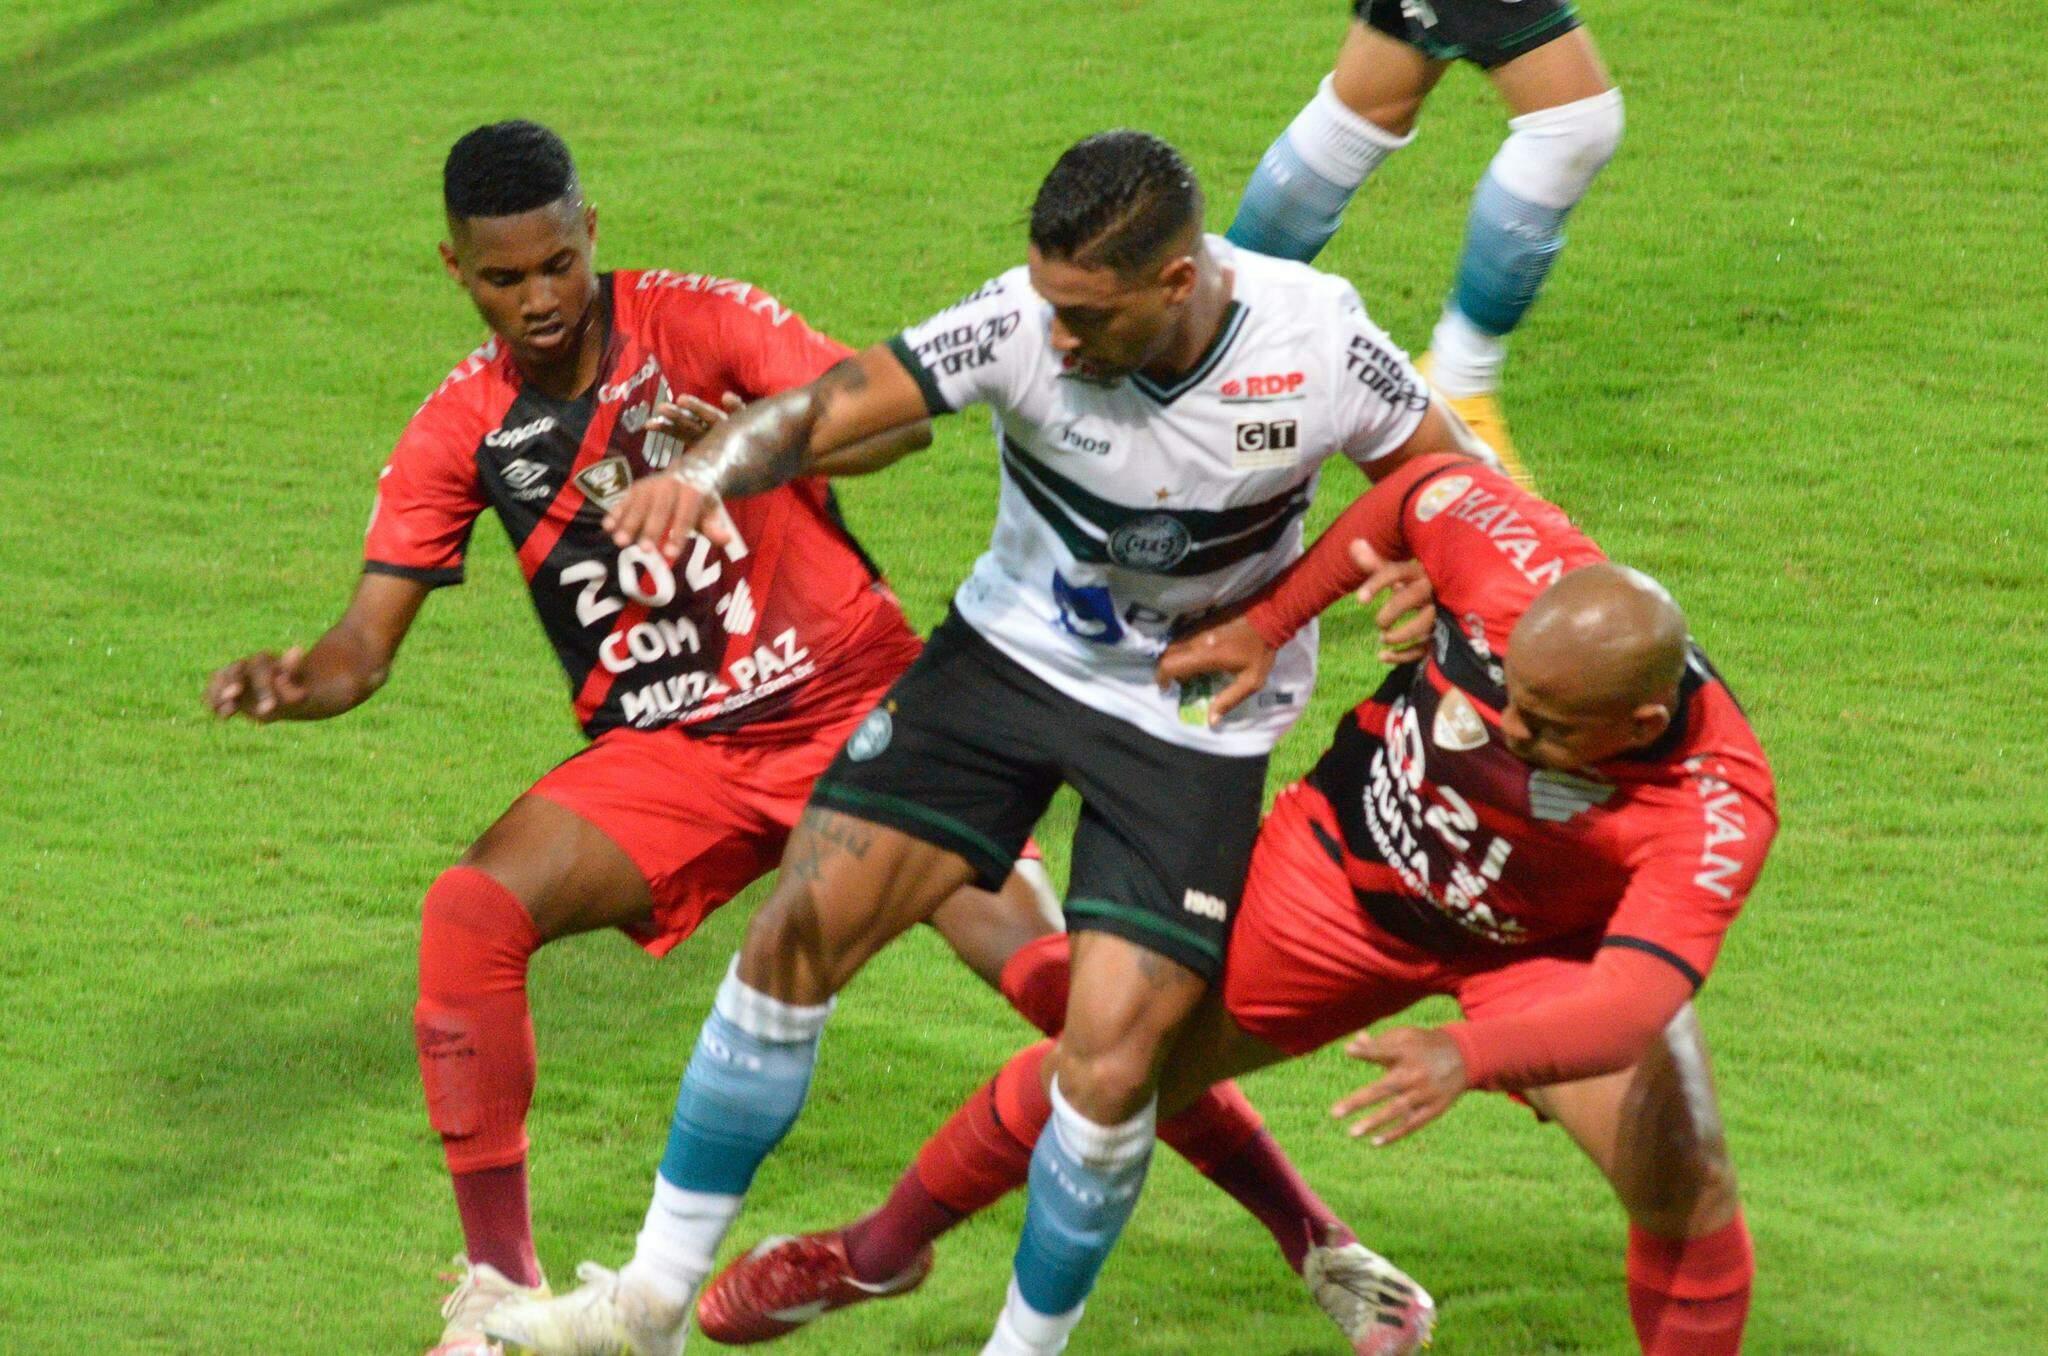 Lance durante partida entre Coritiba e Athletico PR, válido pelo Campeonato Brasileiro Série A, realizado na cidade de Curitiba, PR, neste sábado, 09. (Foto: Estadão Conteúdo)